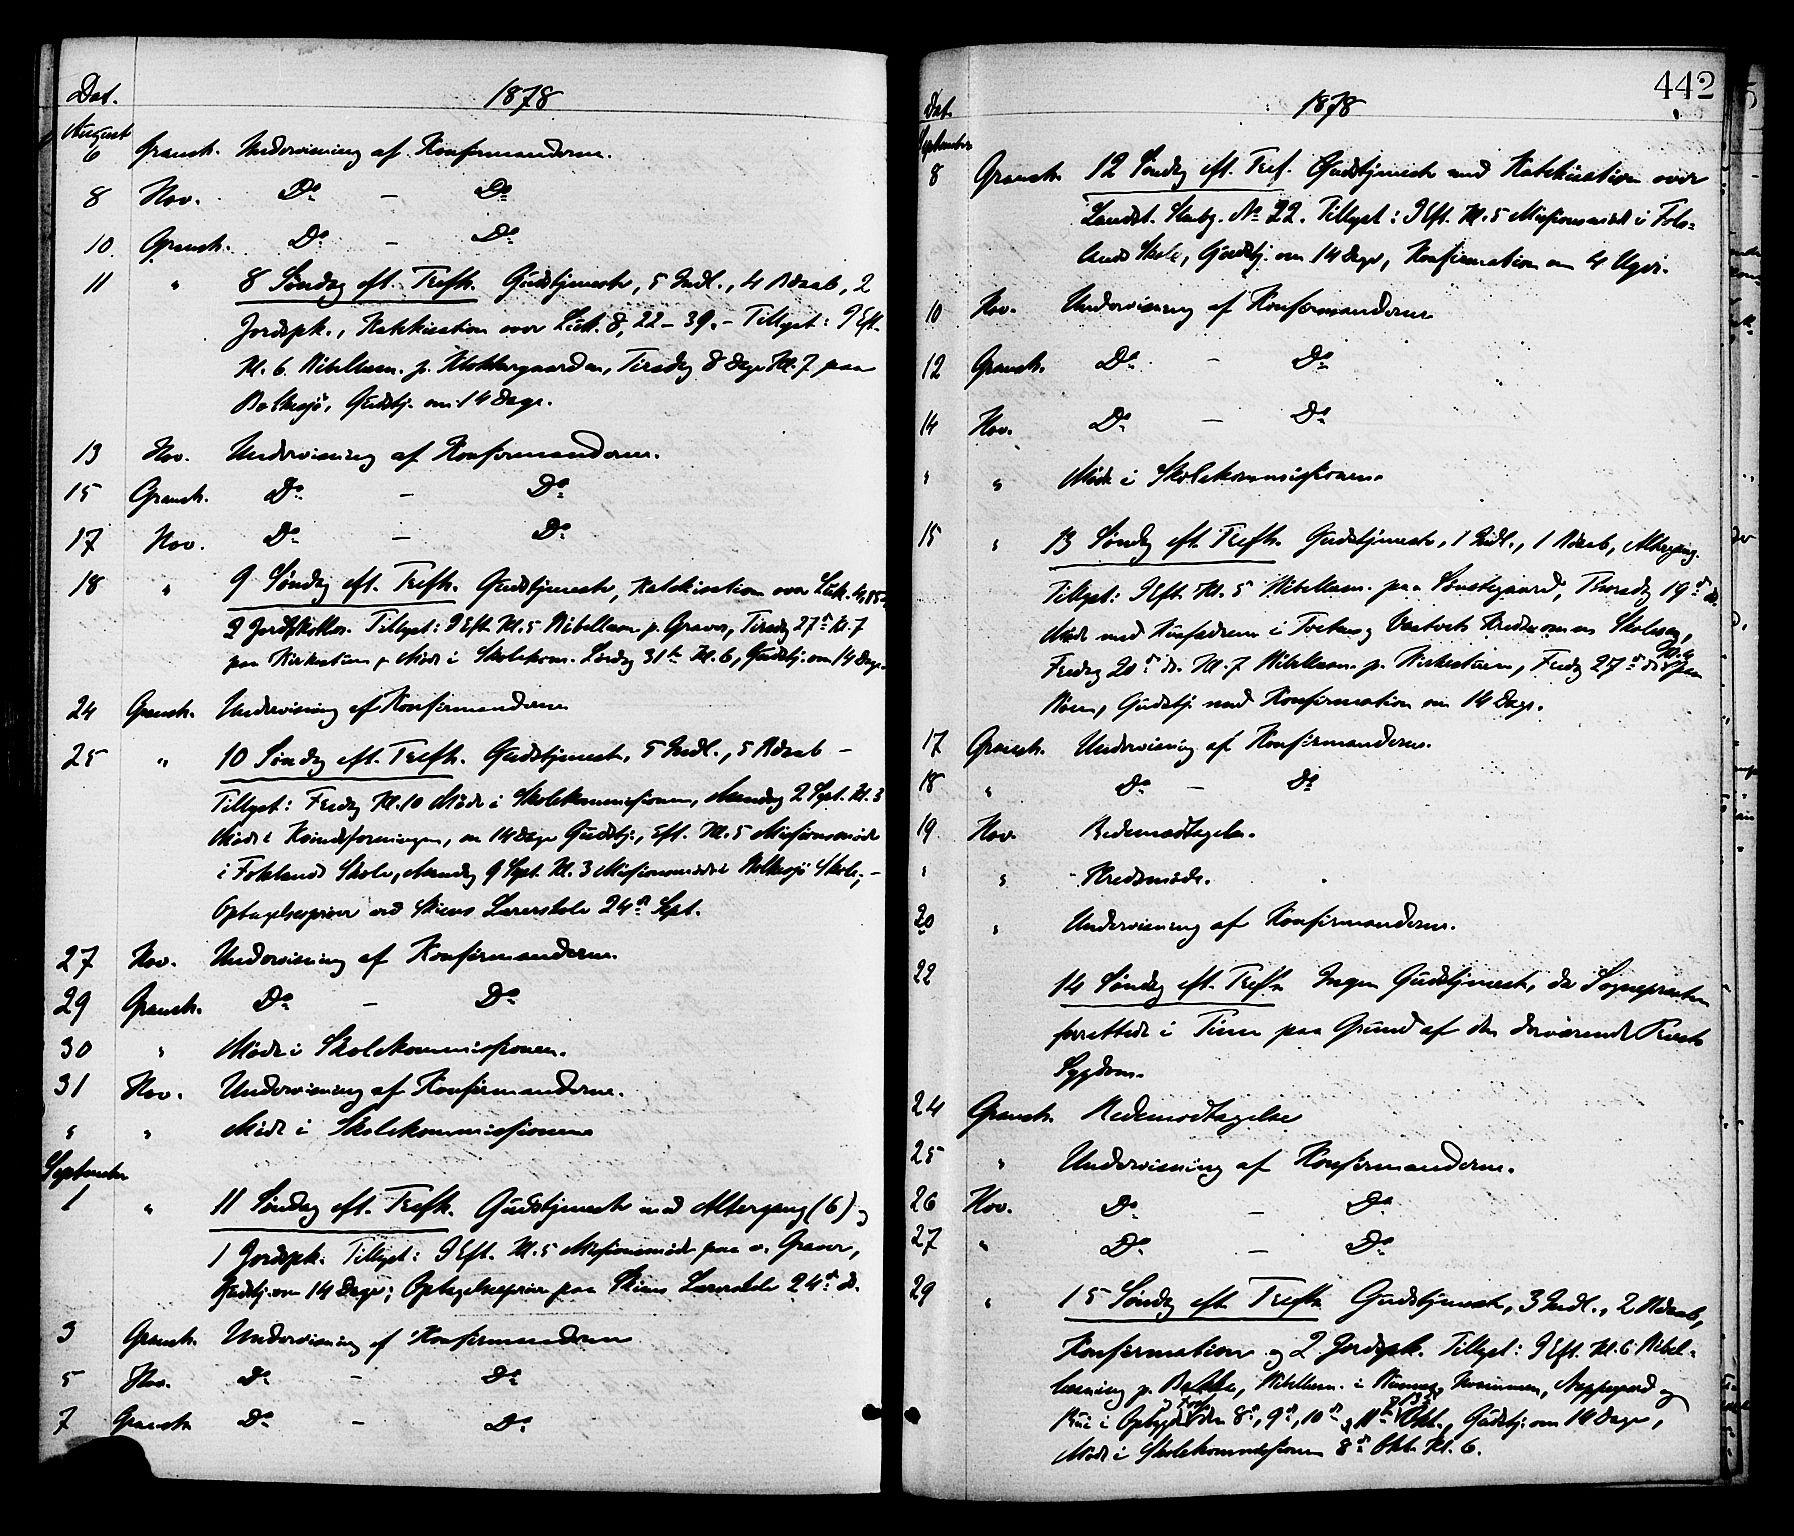 SAKO, Gransherad kirkebøker, F/Fa/L0004: Ministerialbok nr. I 4, 1871-1886, s. 442